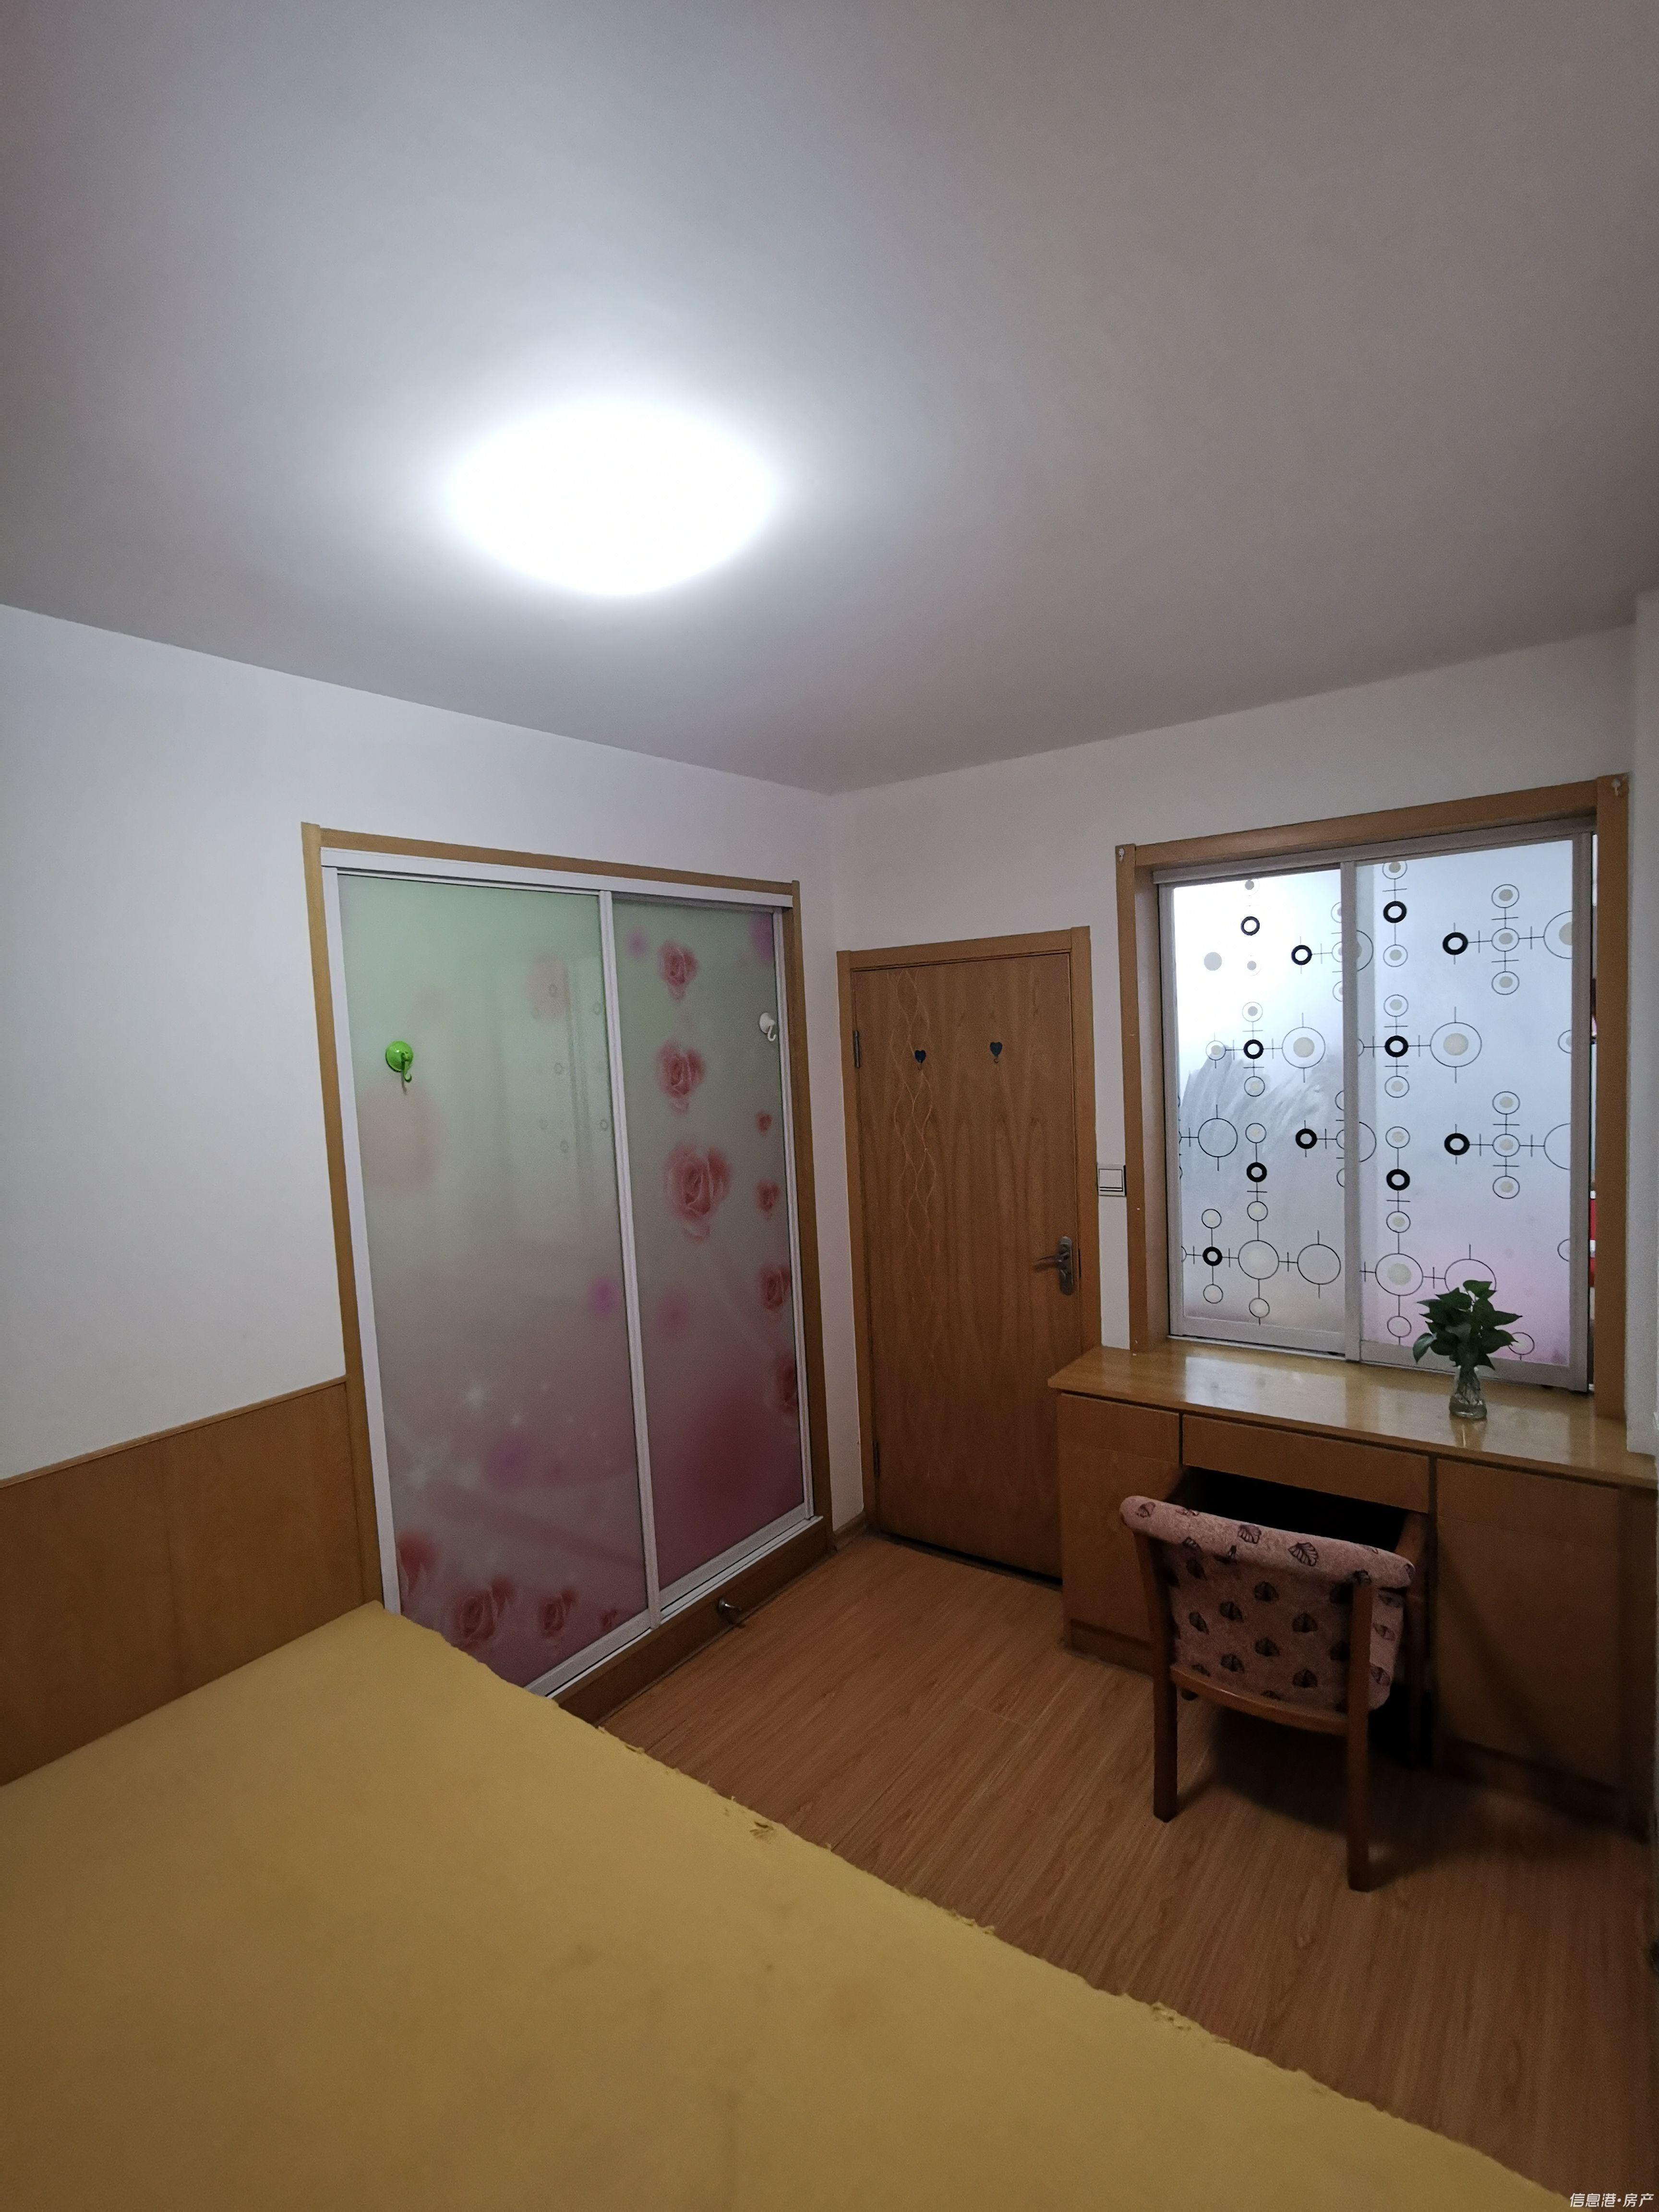 出租馨安苑3室2厅1卫18平米650元/月住宅